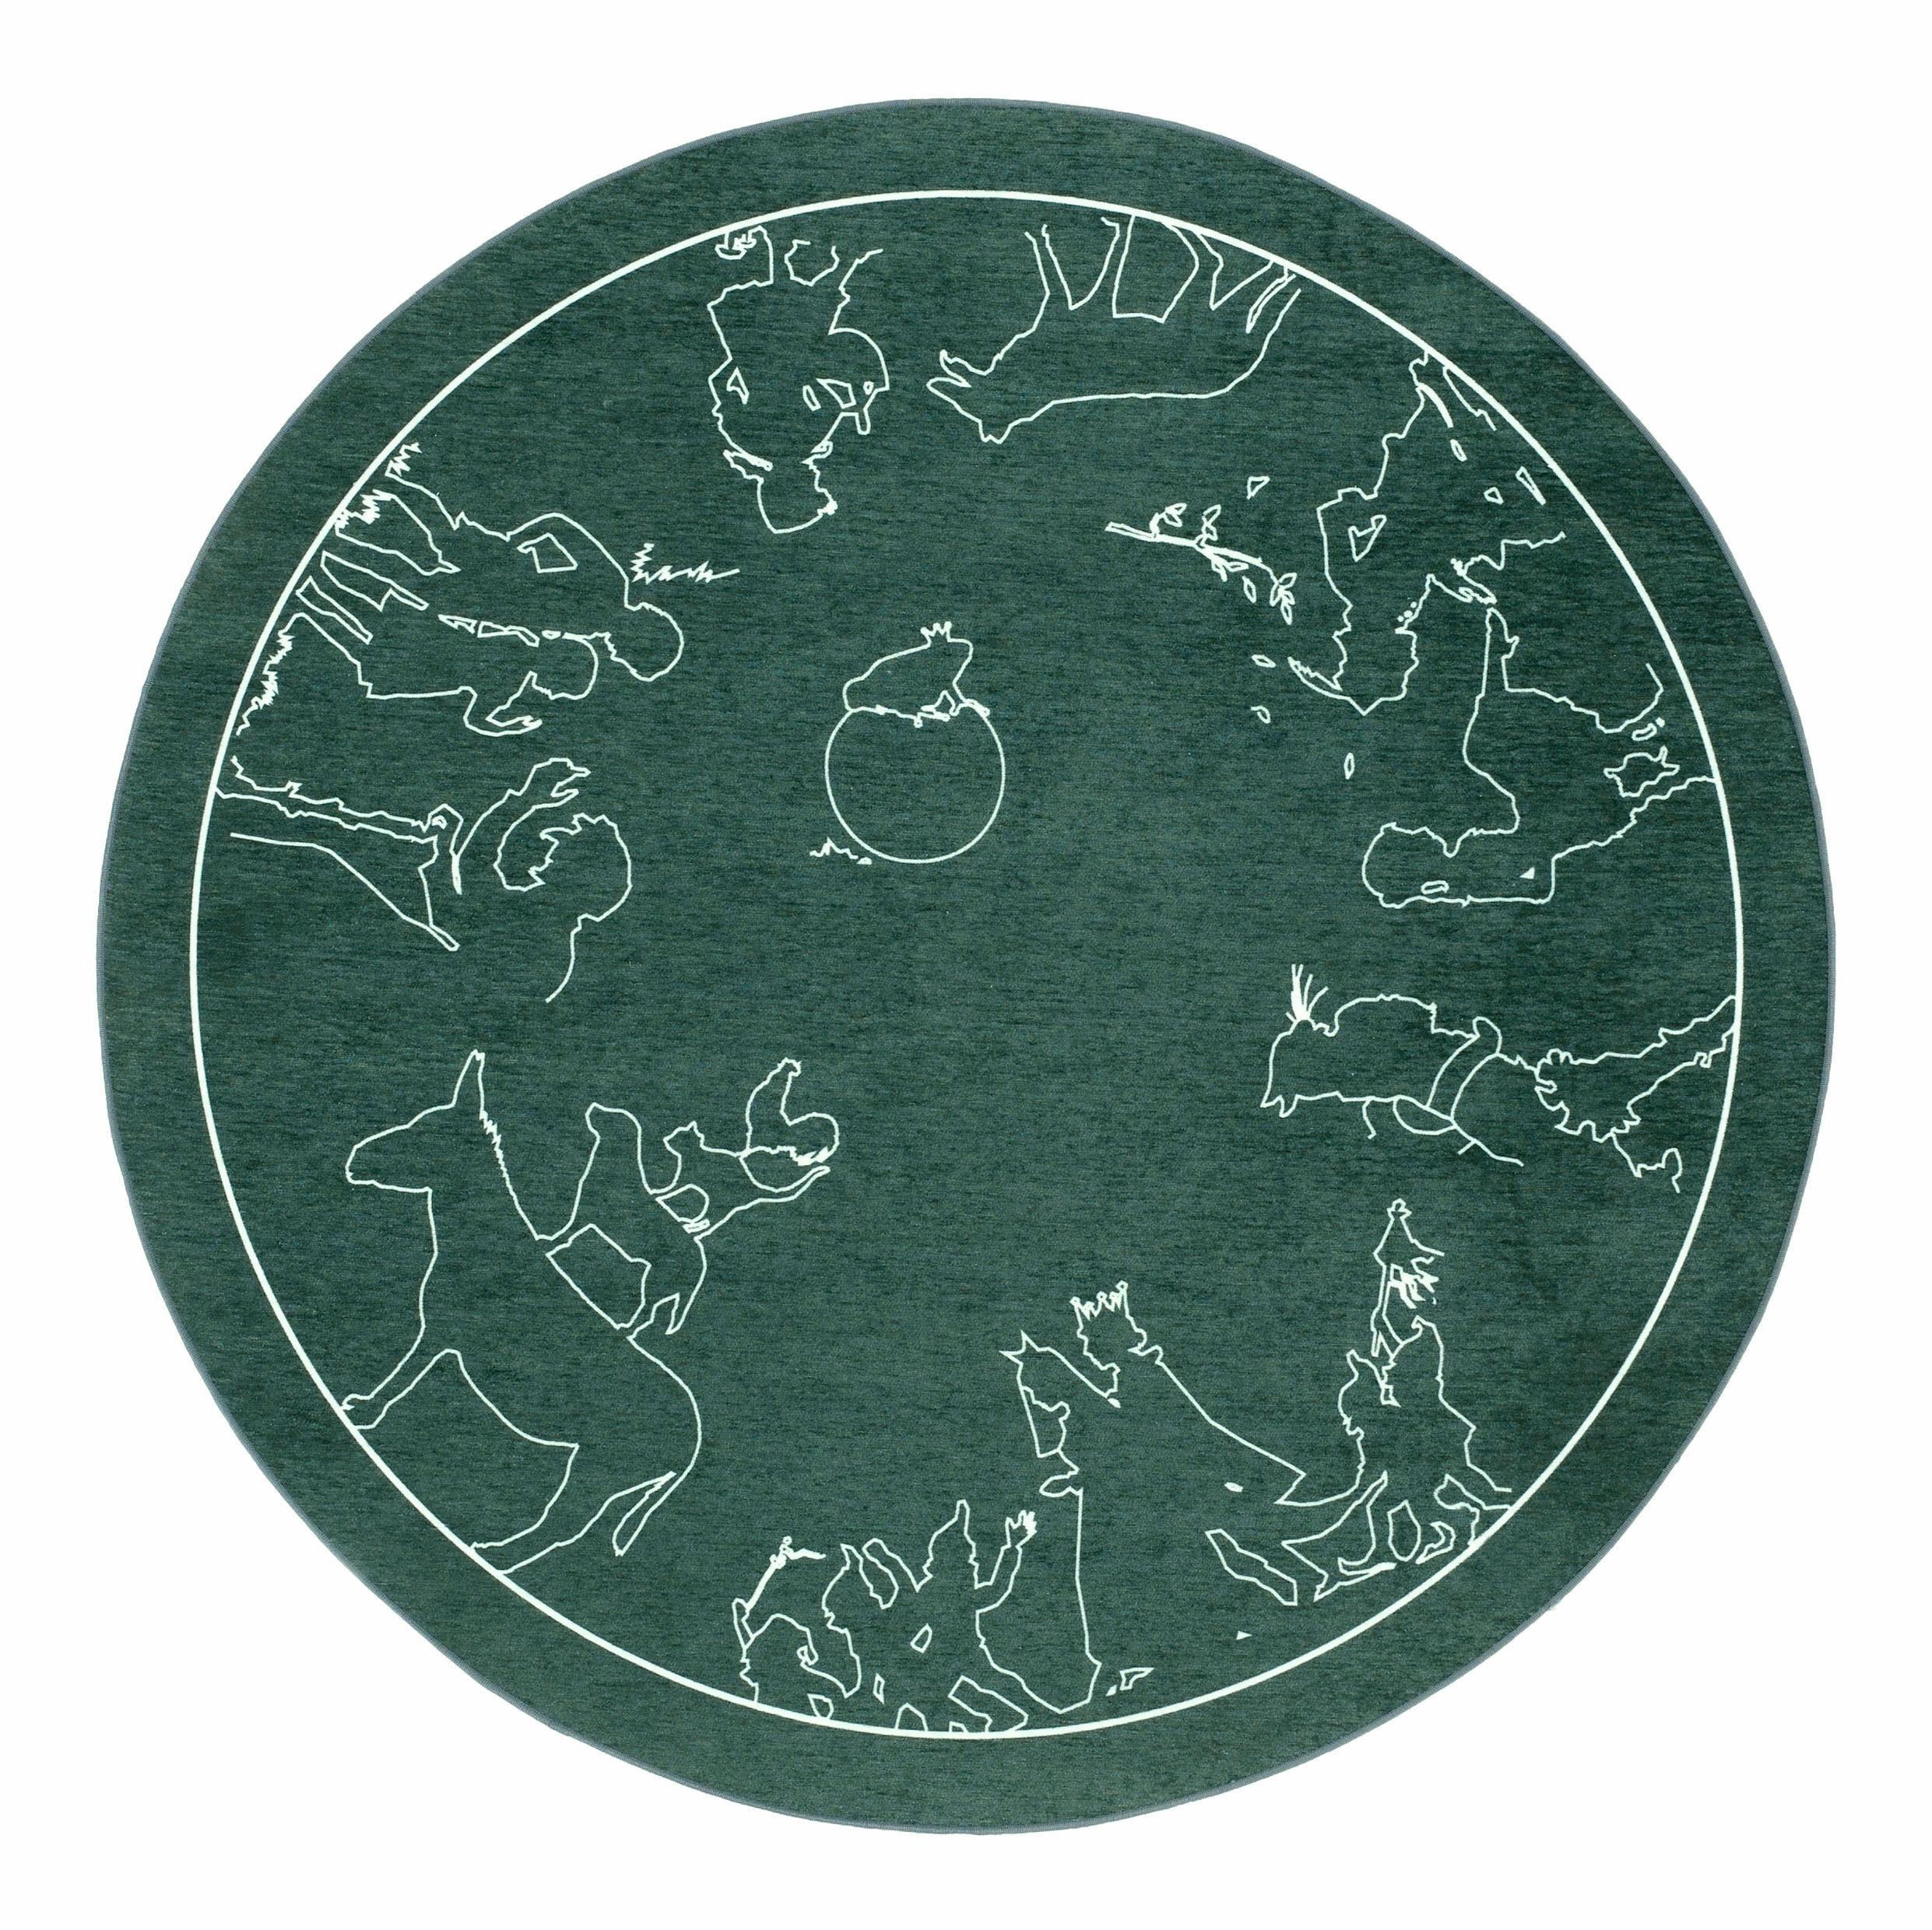 Kinderteppich »Märchen 7«, grimmliis, rund, Höhe 2 mm